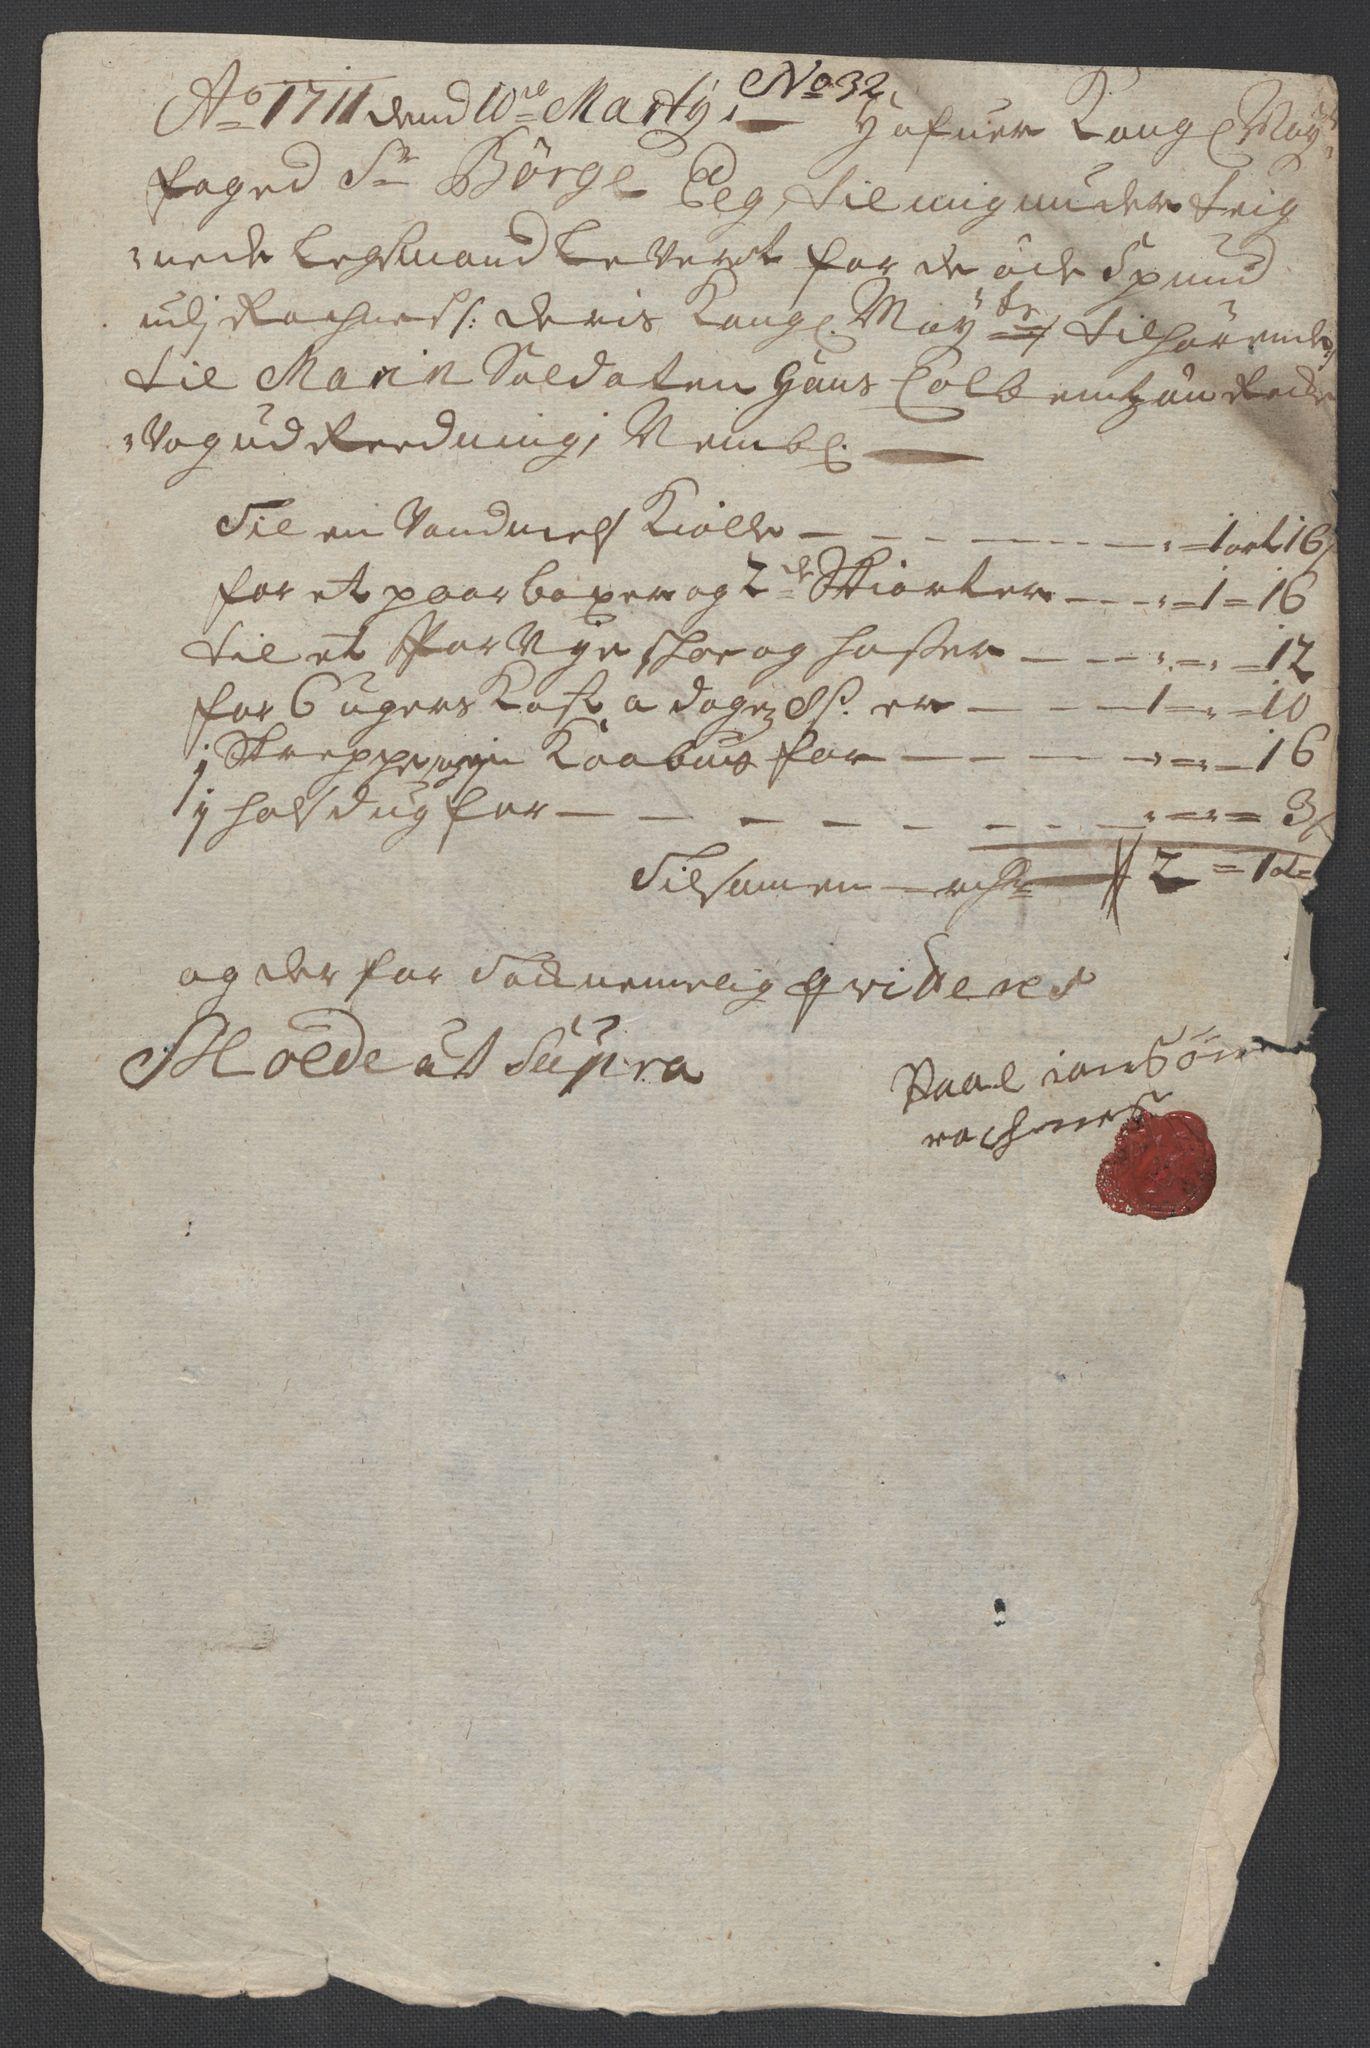 RA, Rentekammeret inntil 1814, Reviderte regnskaper, Fogderegnskap, R55/L3660: Fogderegnskap Romsdal, 1711, s. 435